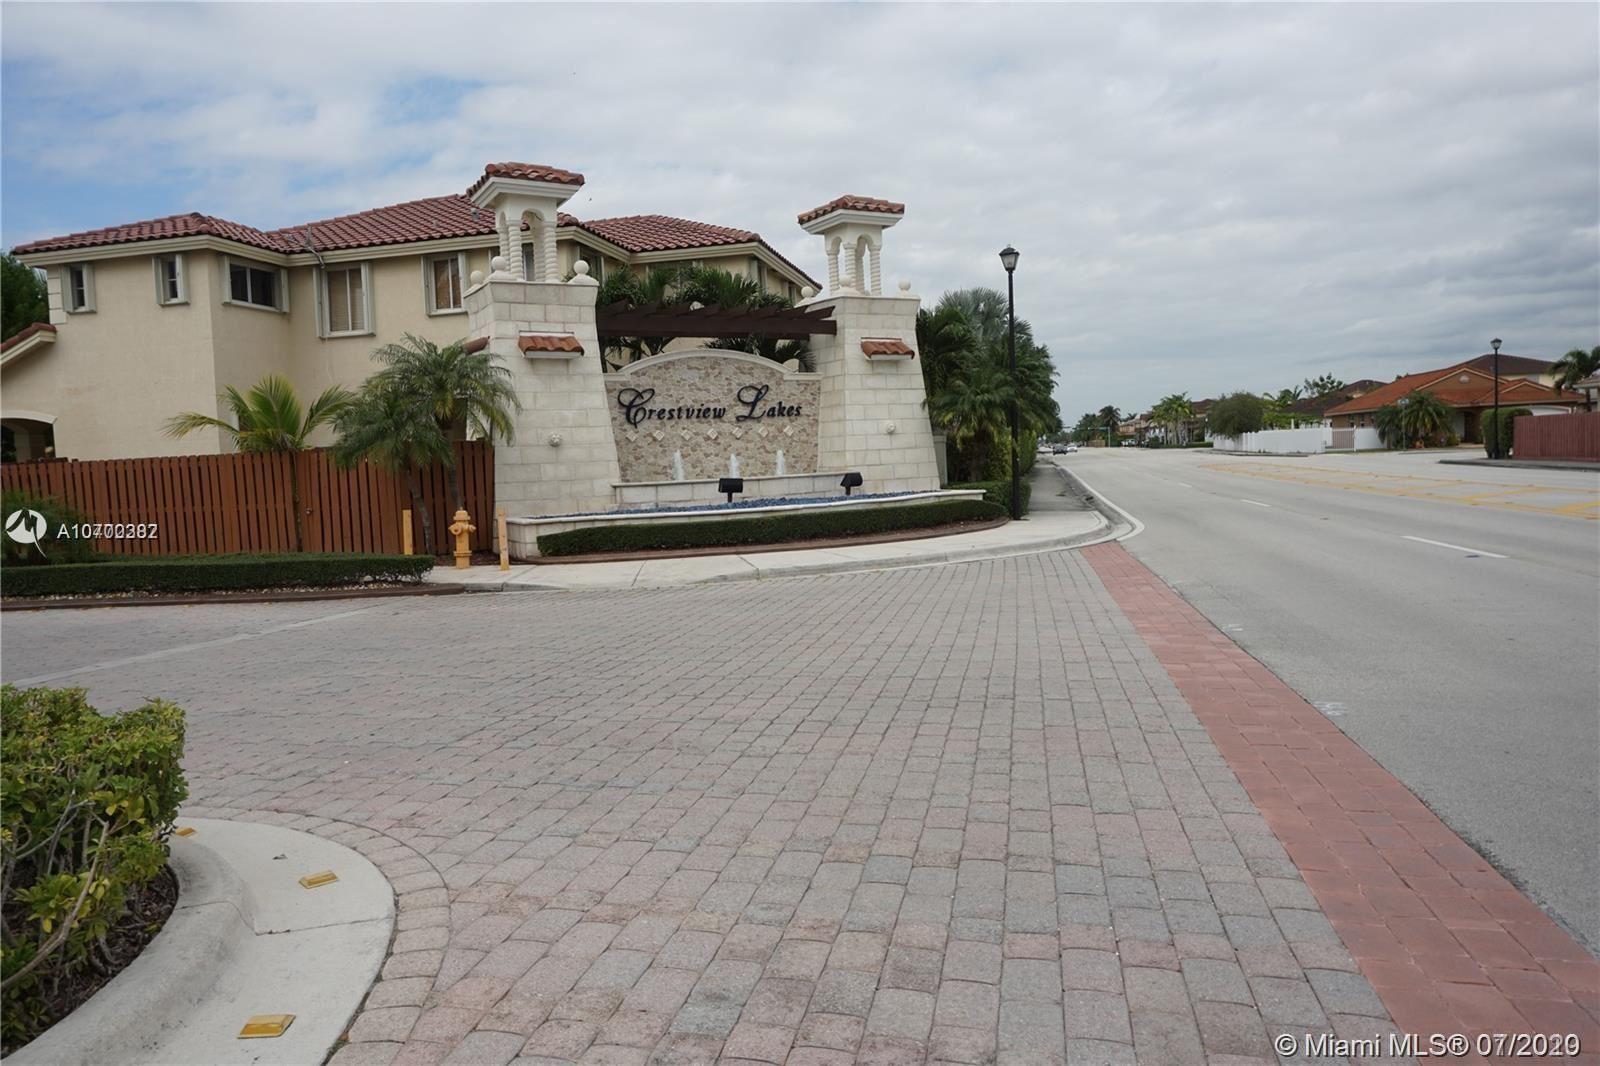 6662 SW 166th Ct, Miami, FL 33193 - #: A10700382